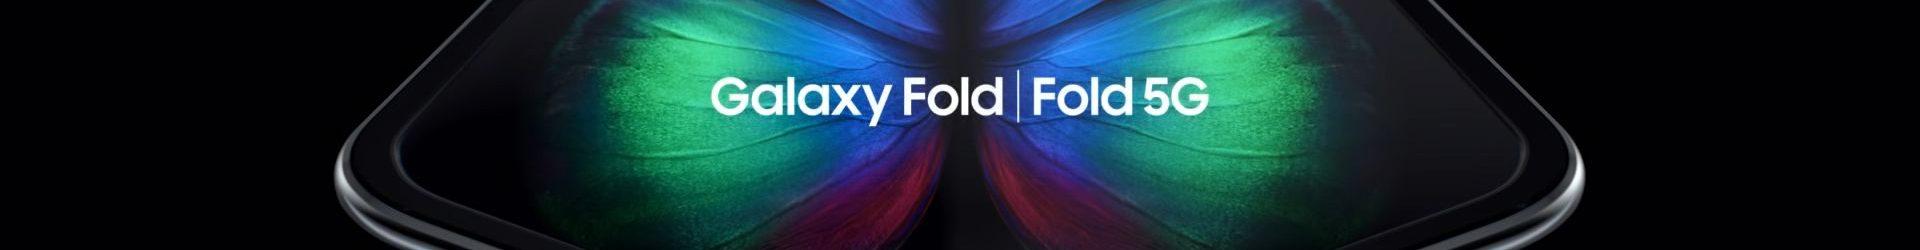 Galaxy Fold disponibile da domani in Corea: Alleluja! Ma…